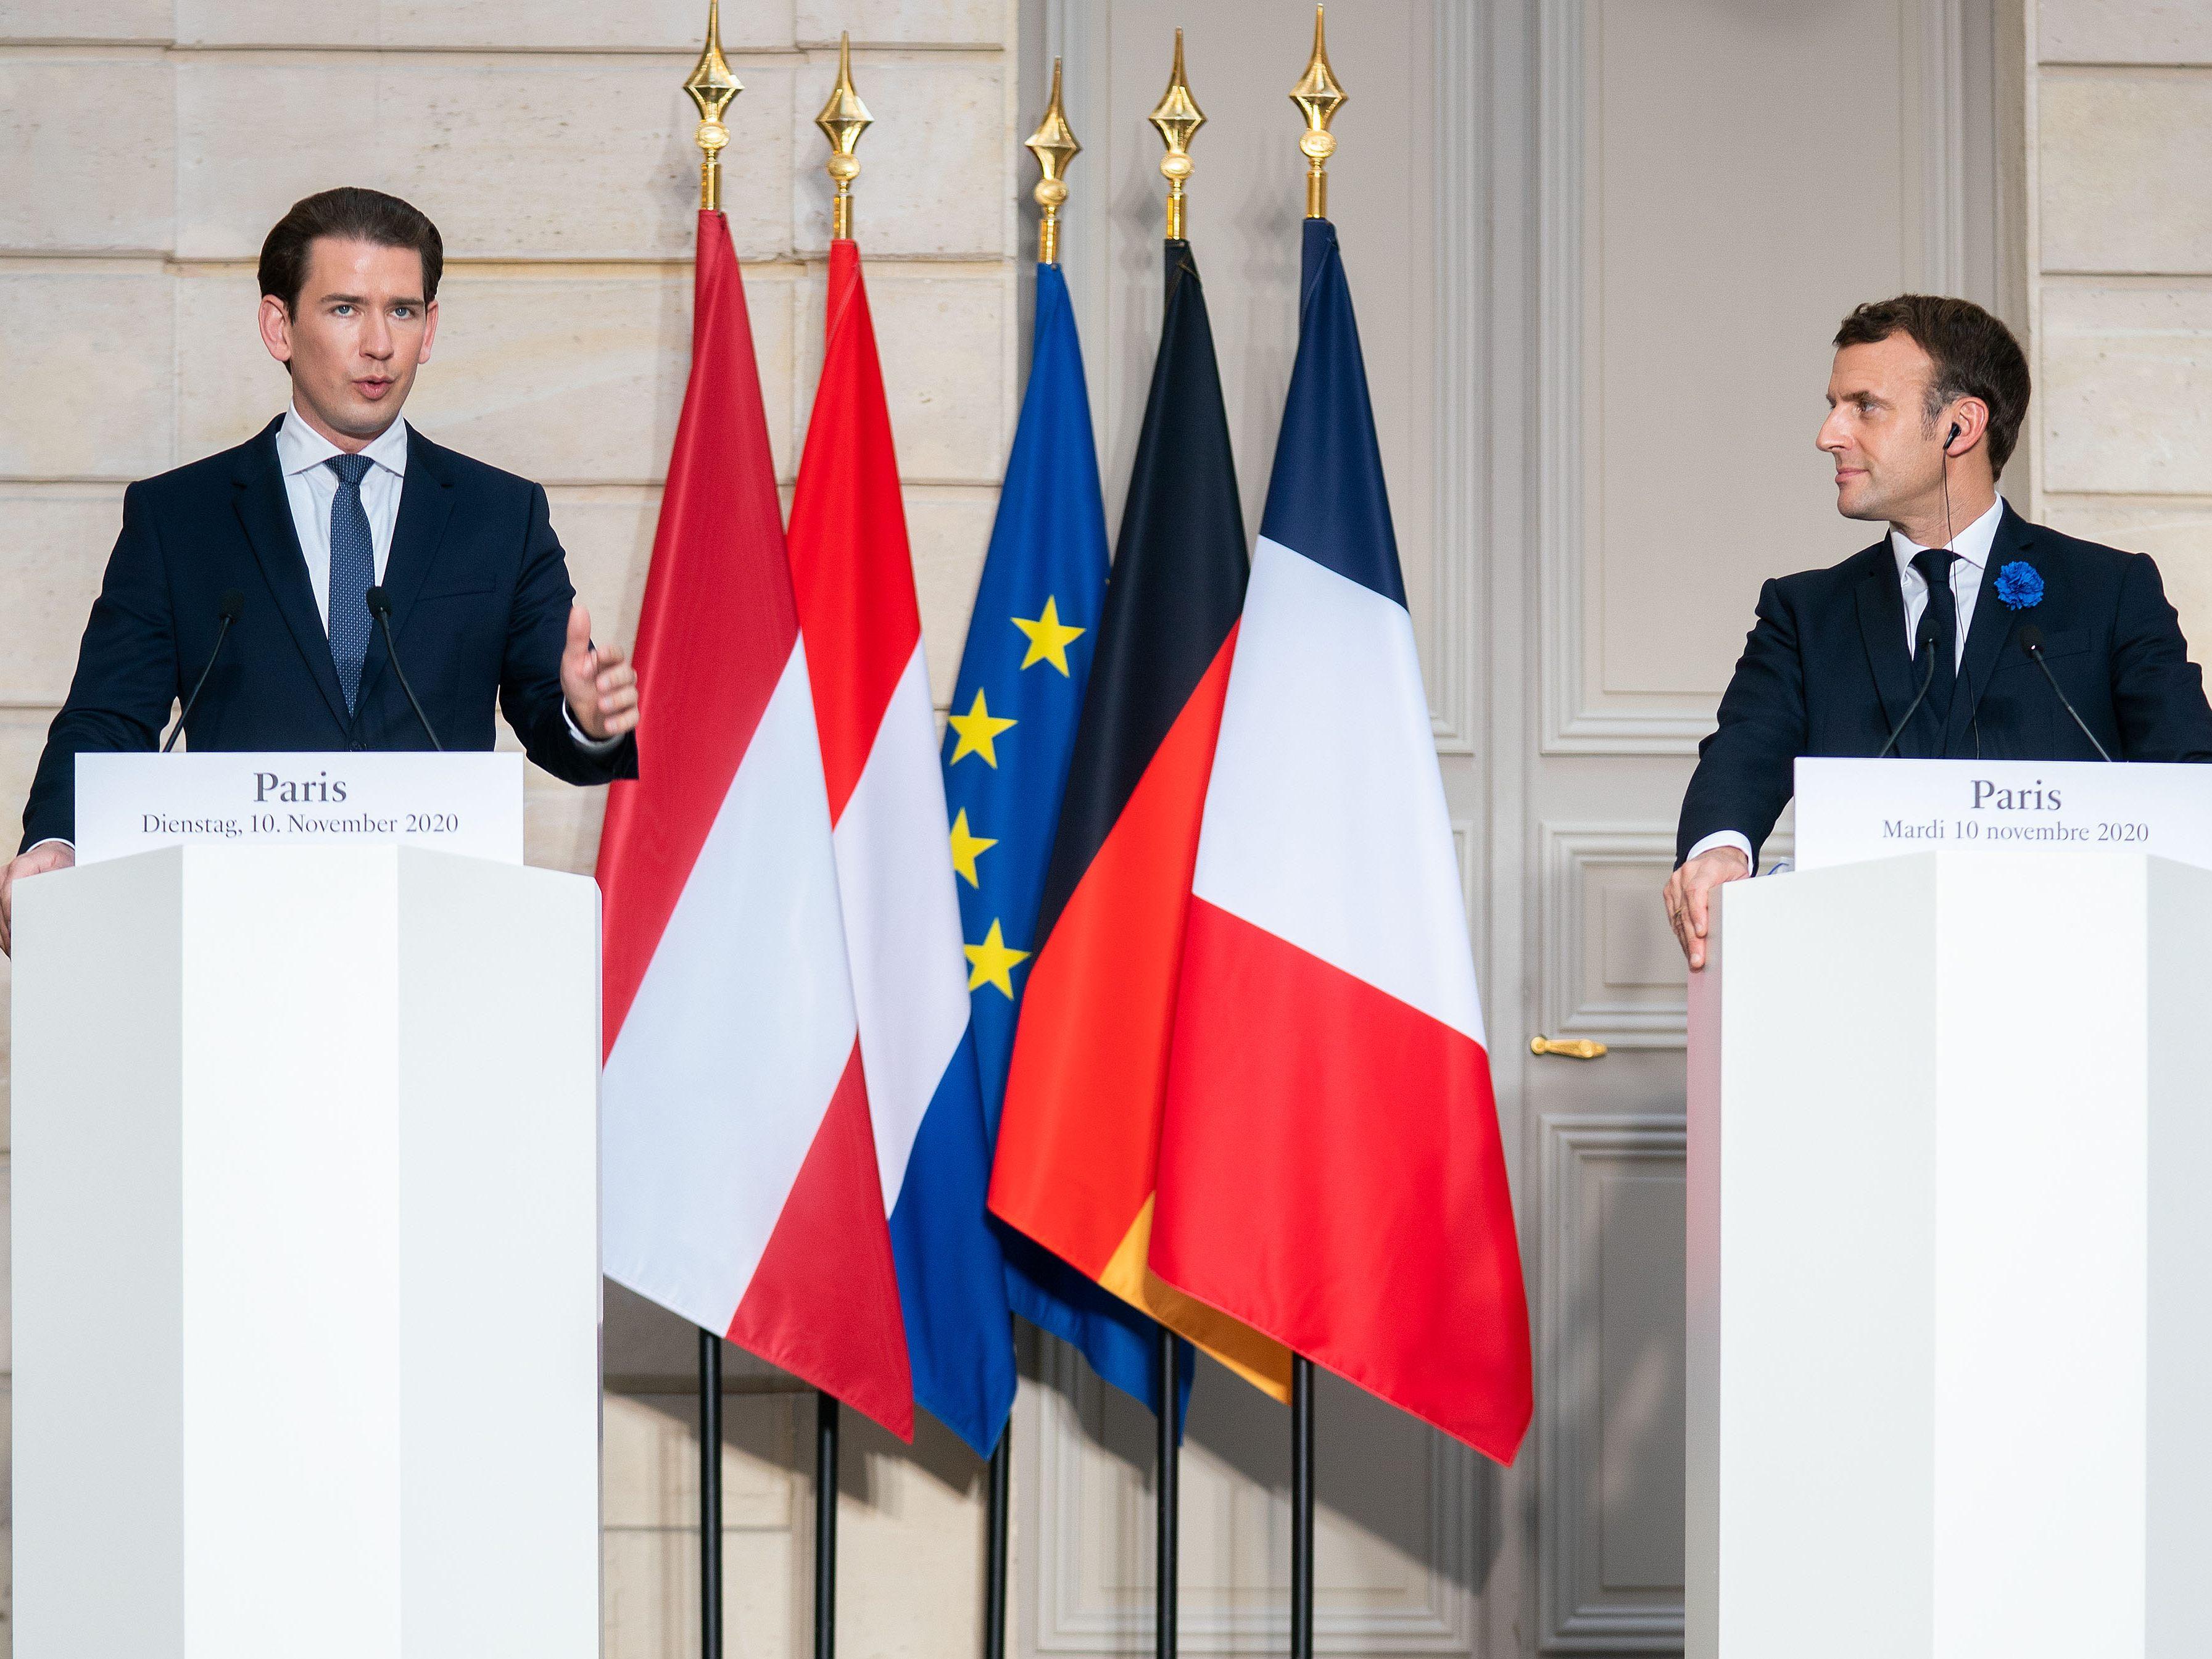 Kampf gegen Terror: Kurz trifft Macron in Paris